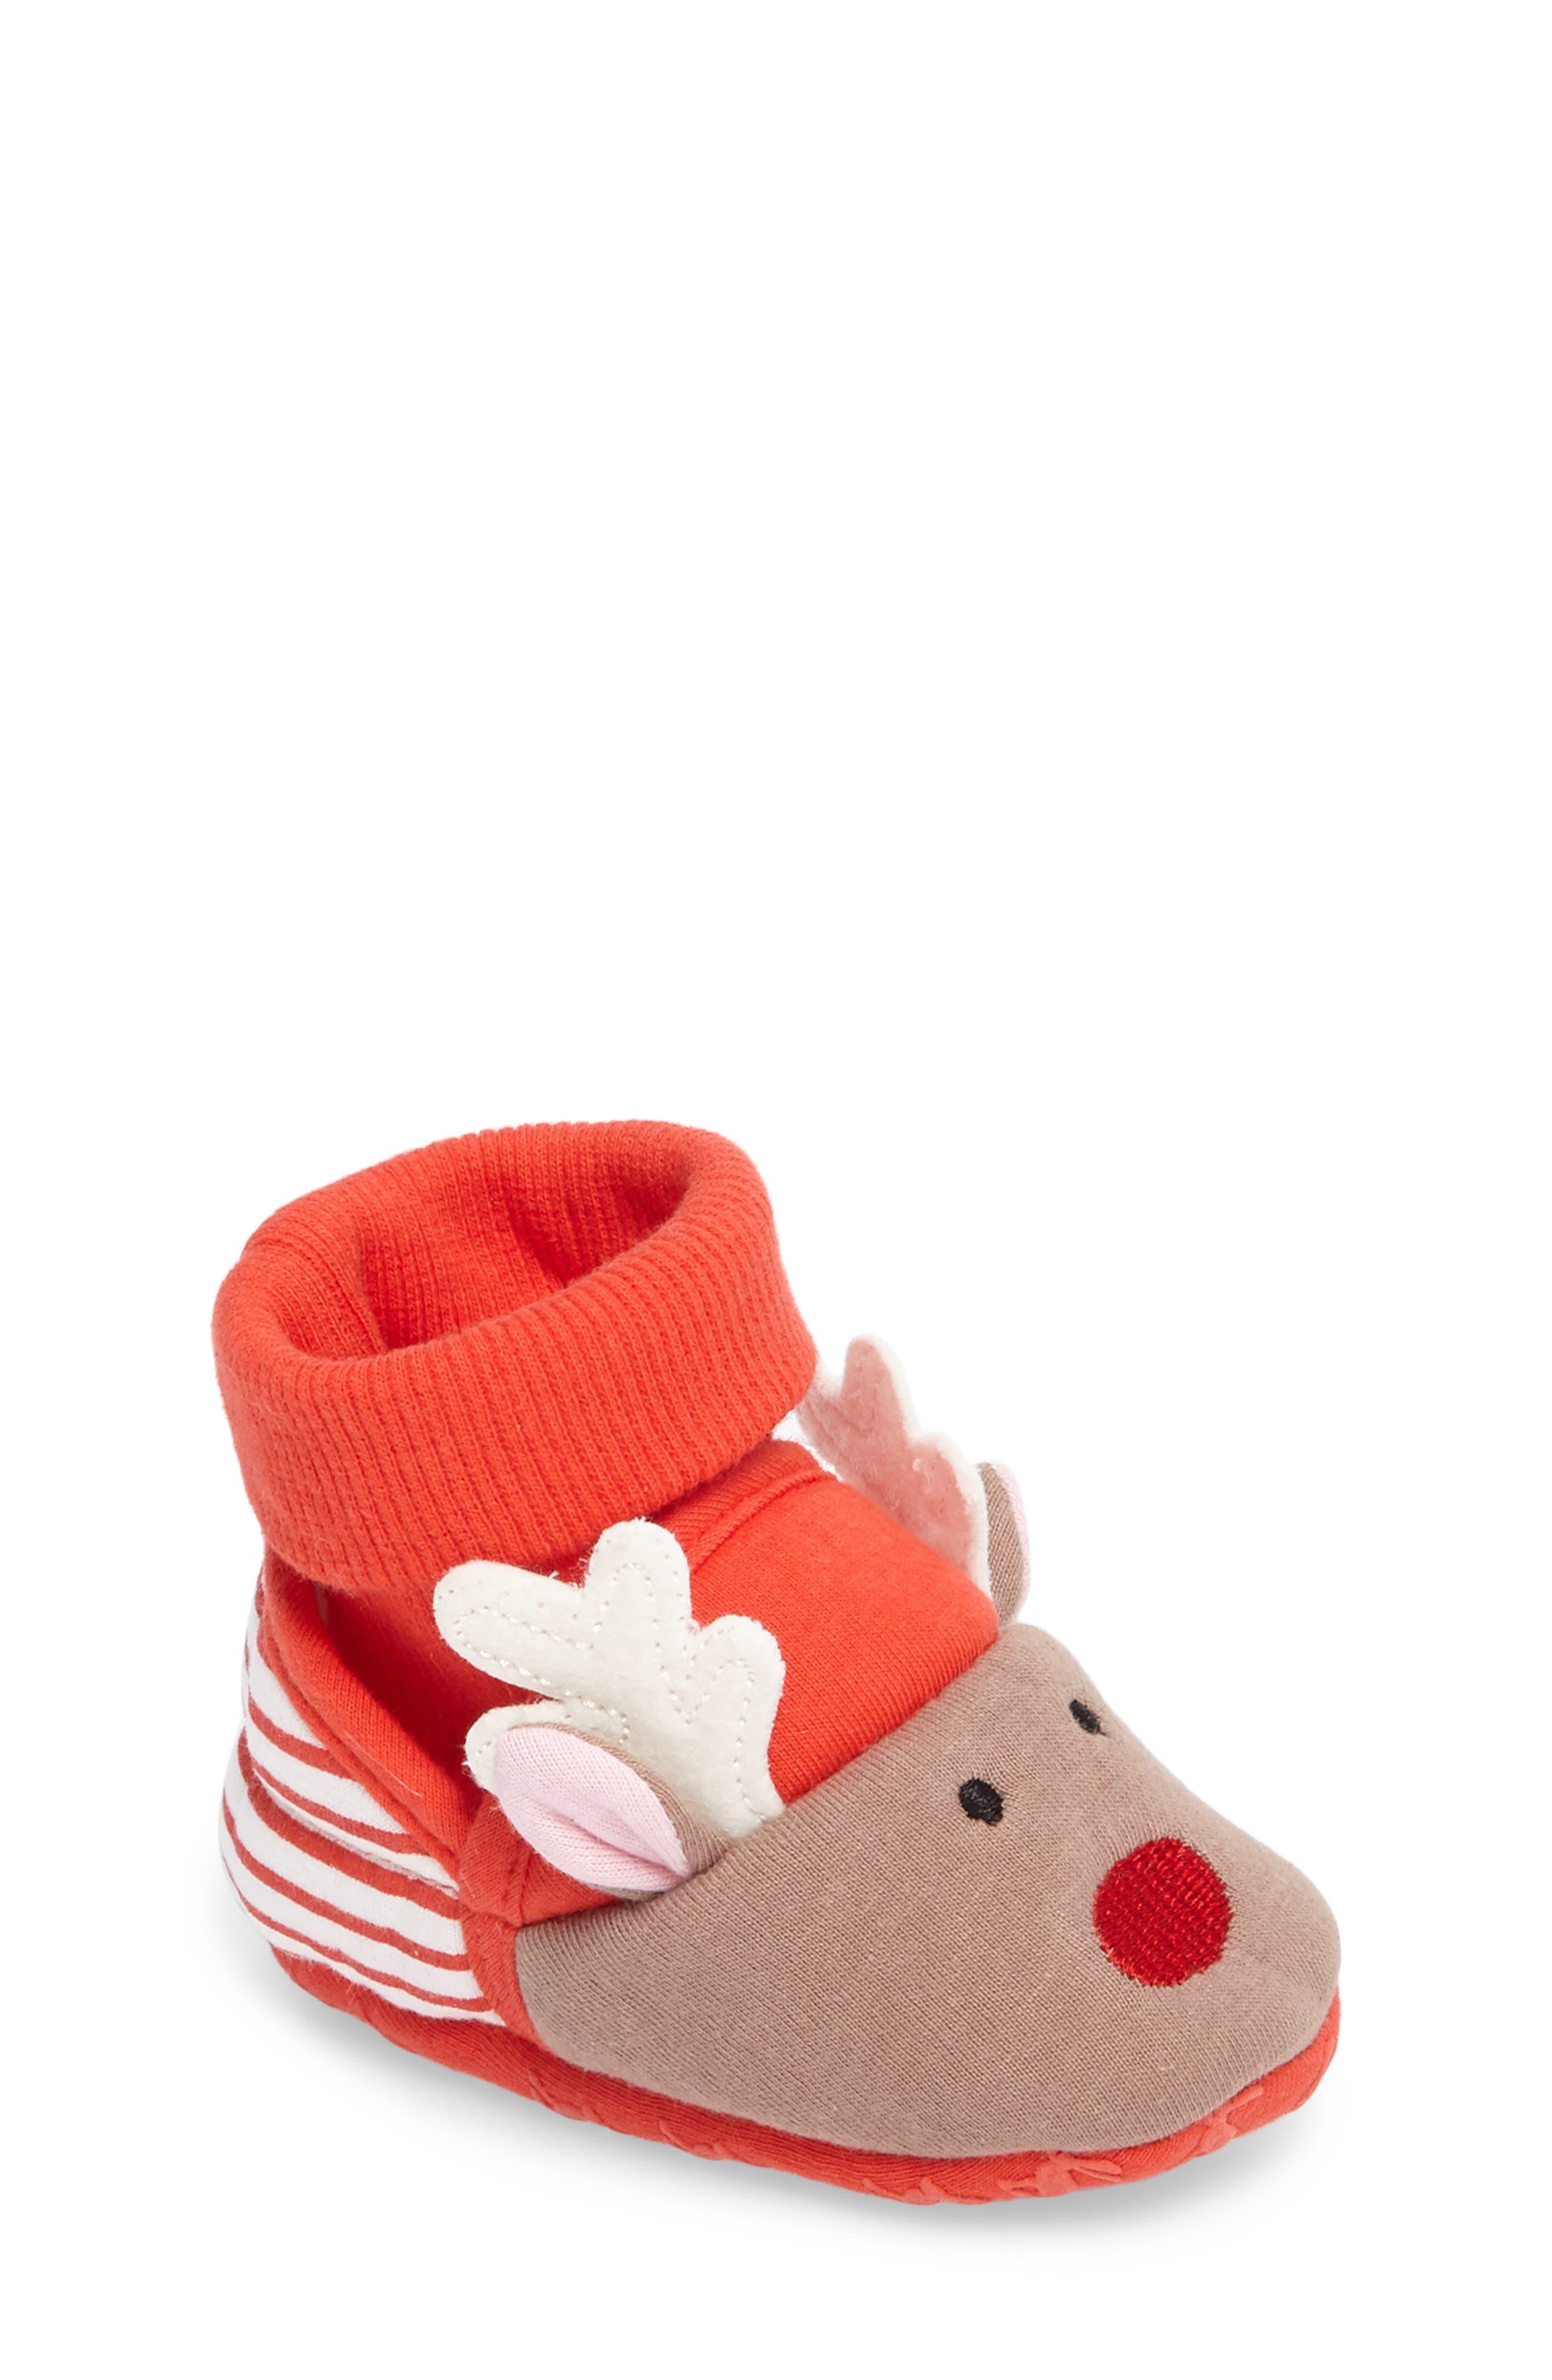 Alternate Image 1 Selected - Joules Critter Face Slipper (Toddler & Little Kid)